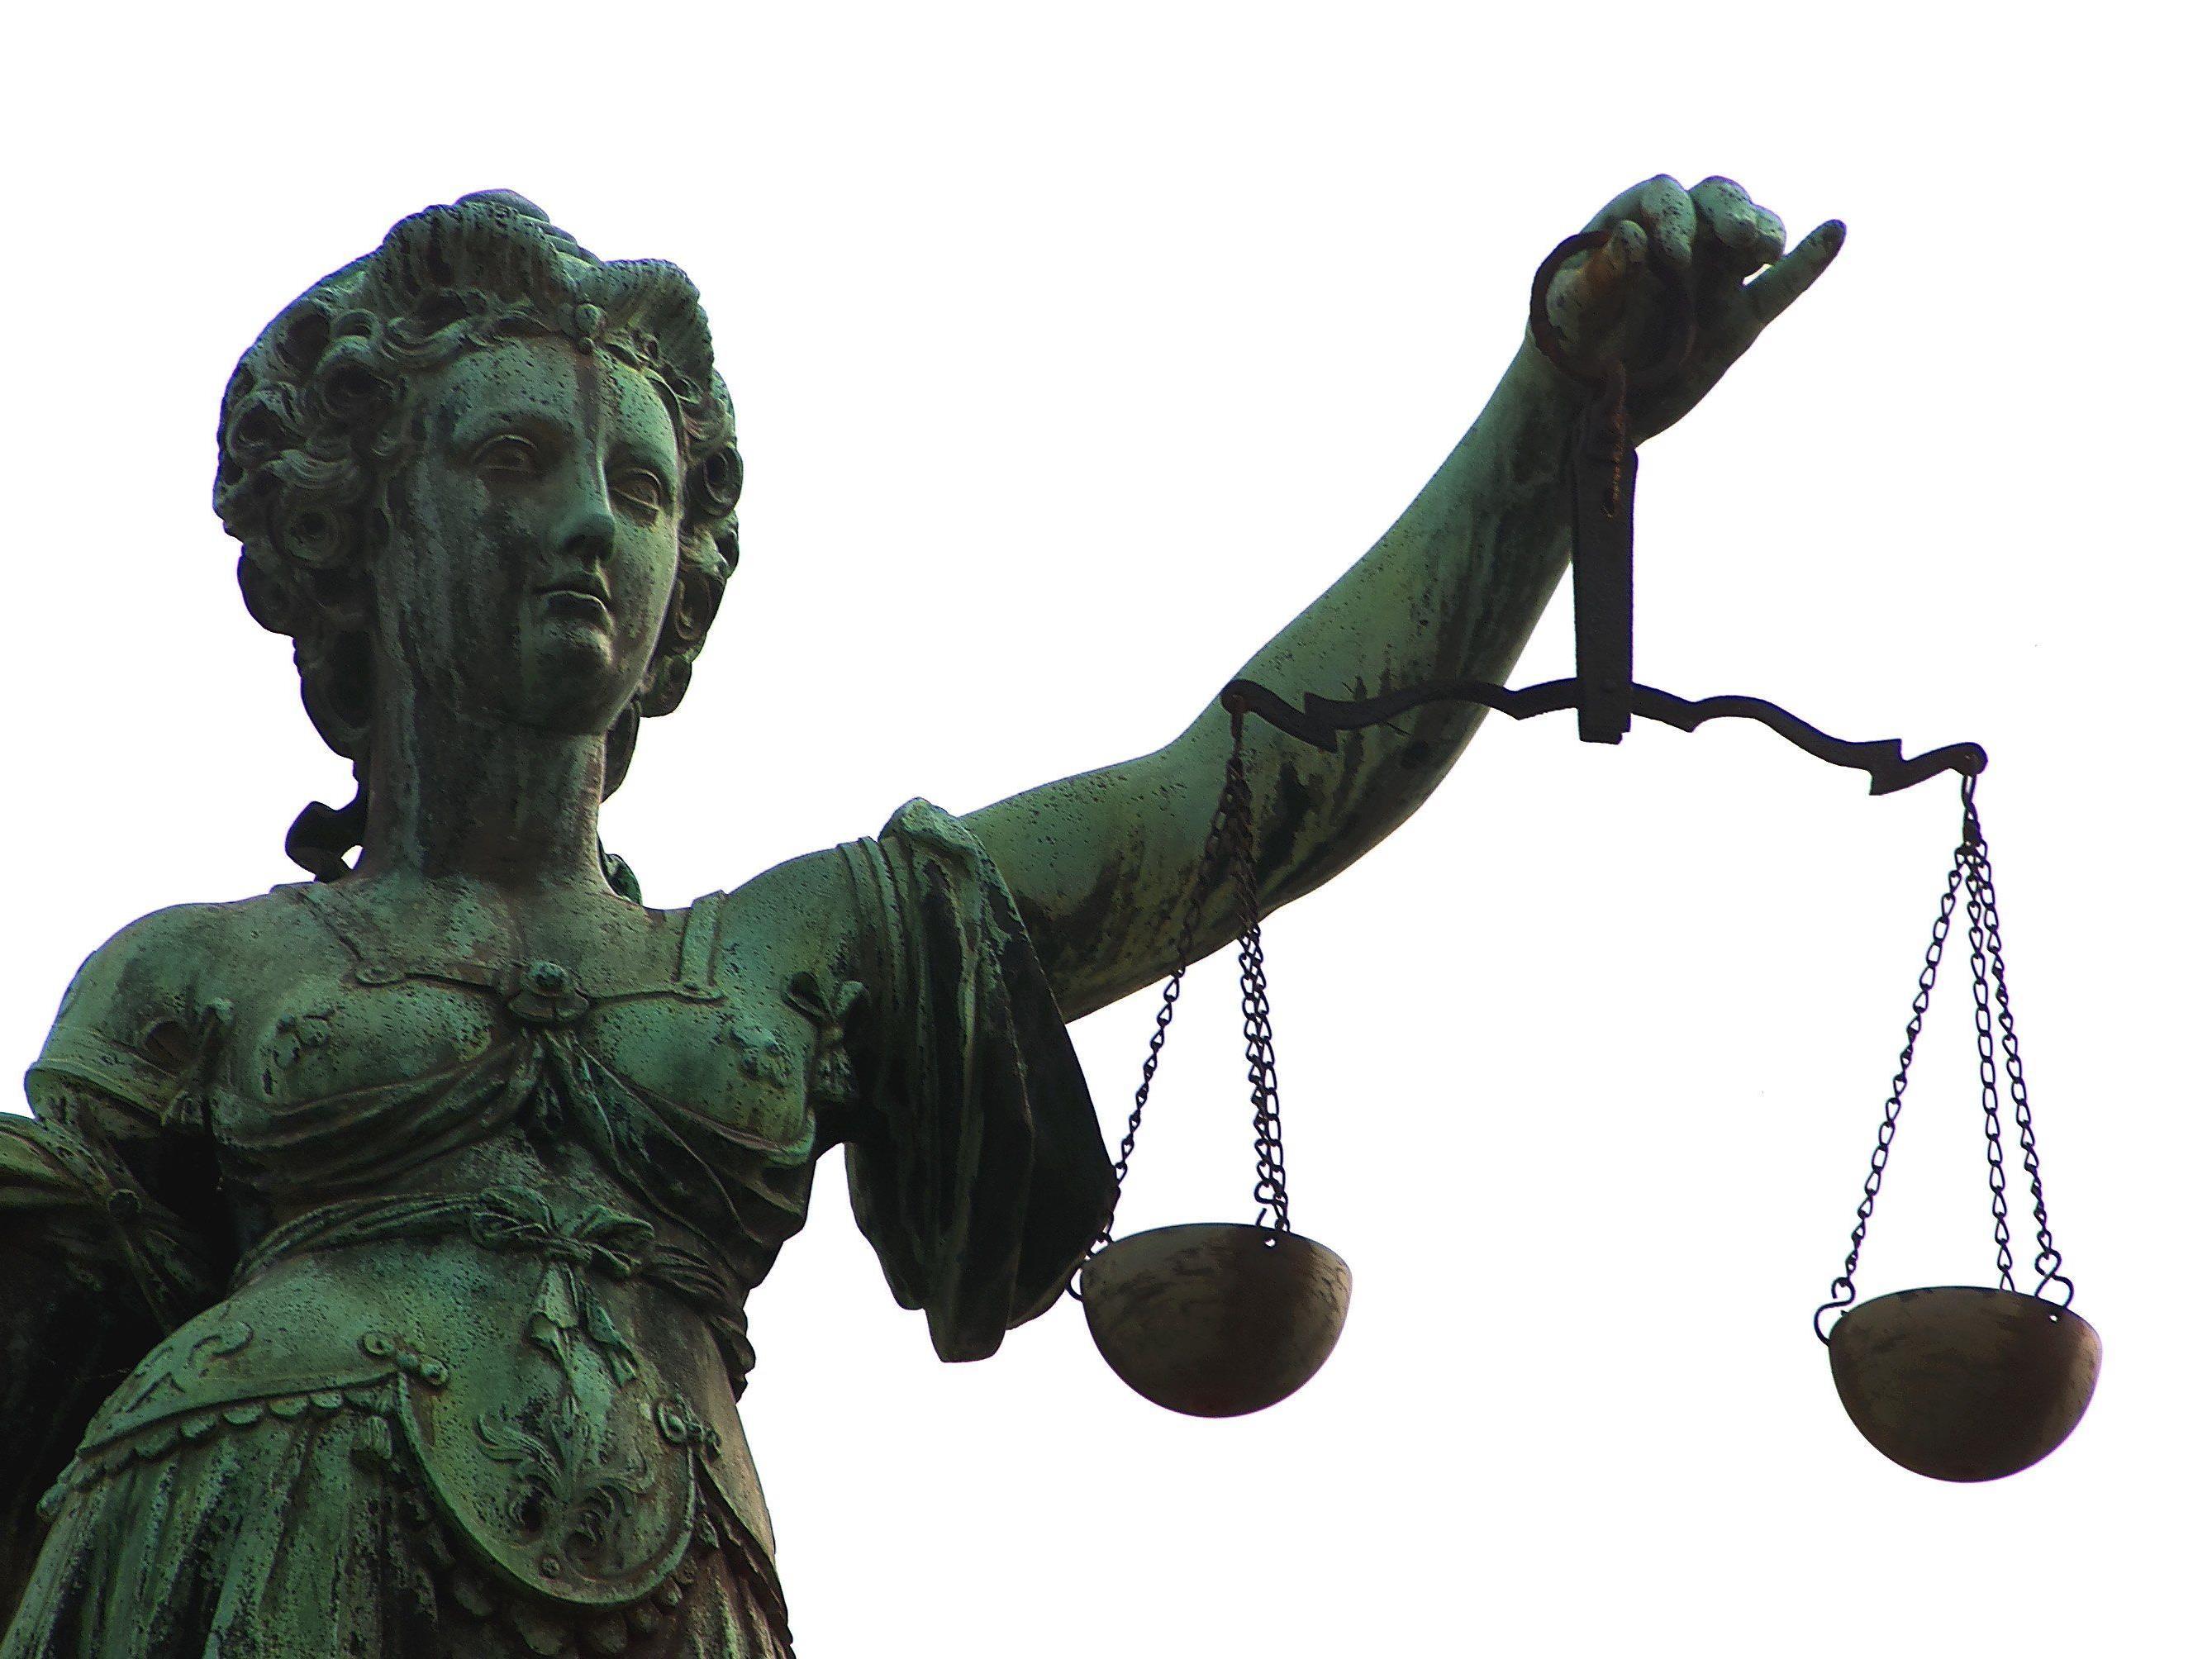 Die erfundene Geschichte der Frau konnte vor Gericht richtig gestellt werden.